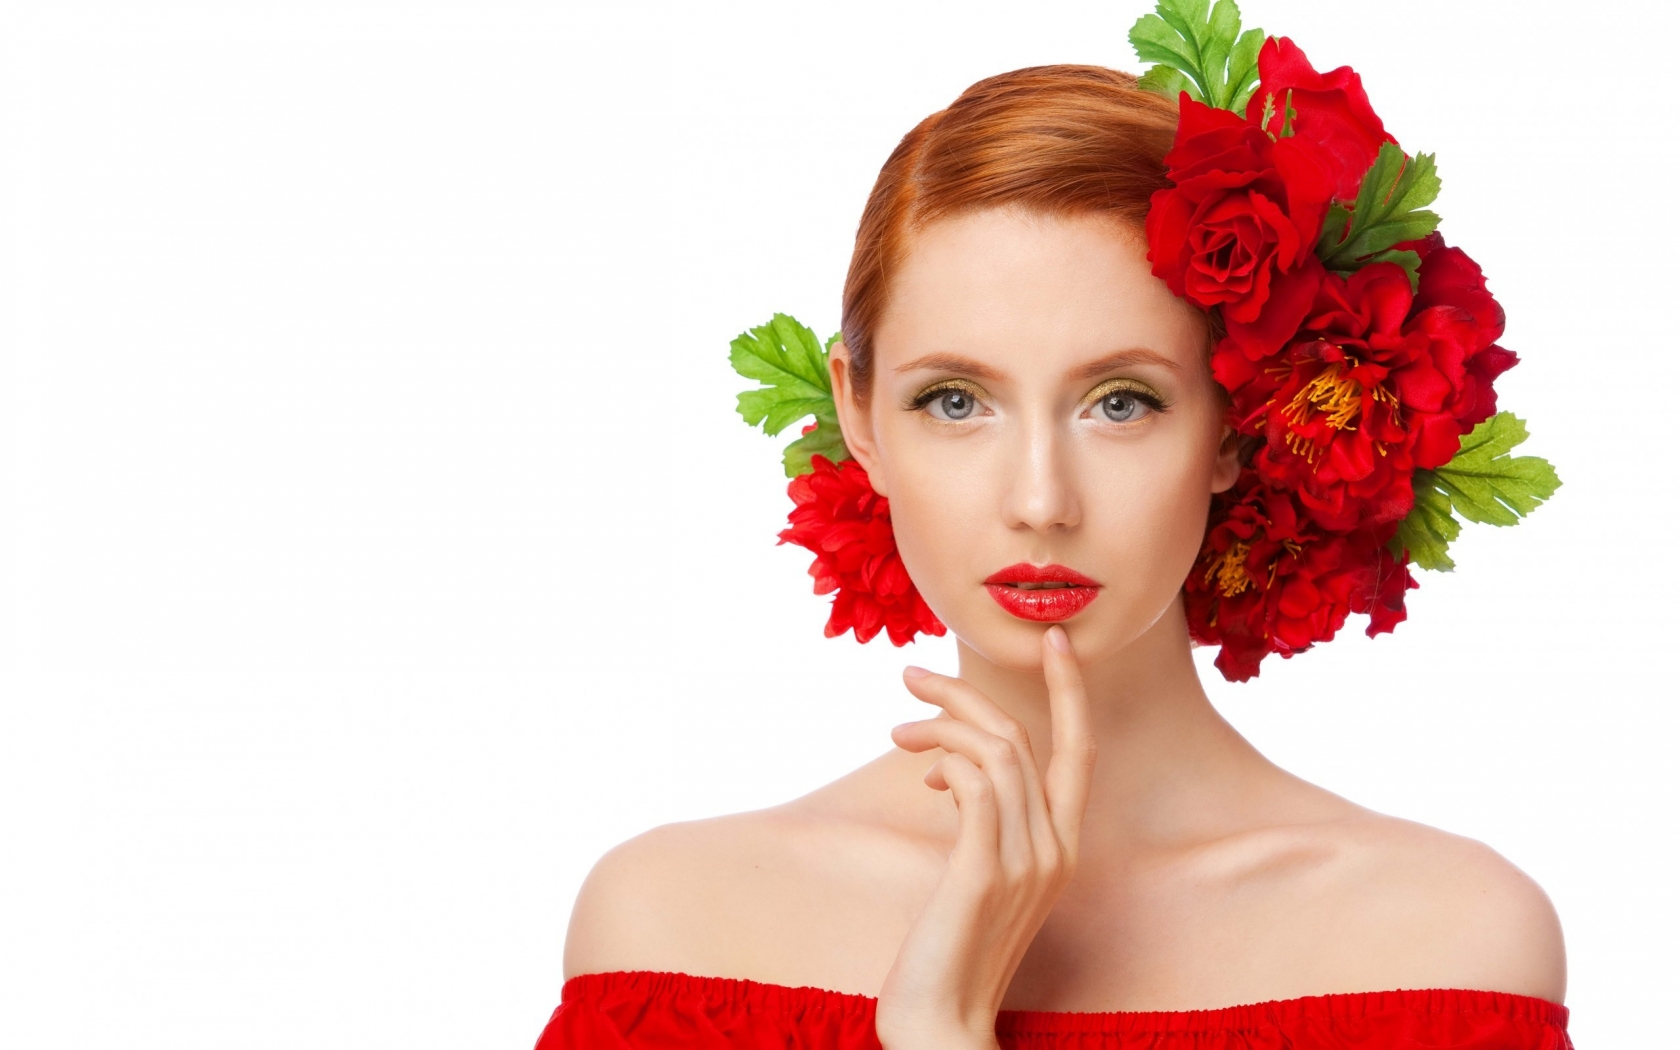 Peinado con rosas rojas - 1680x1050